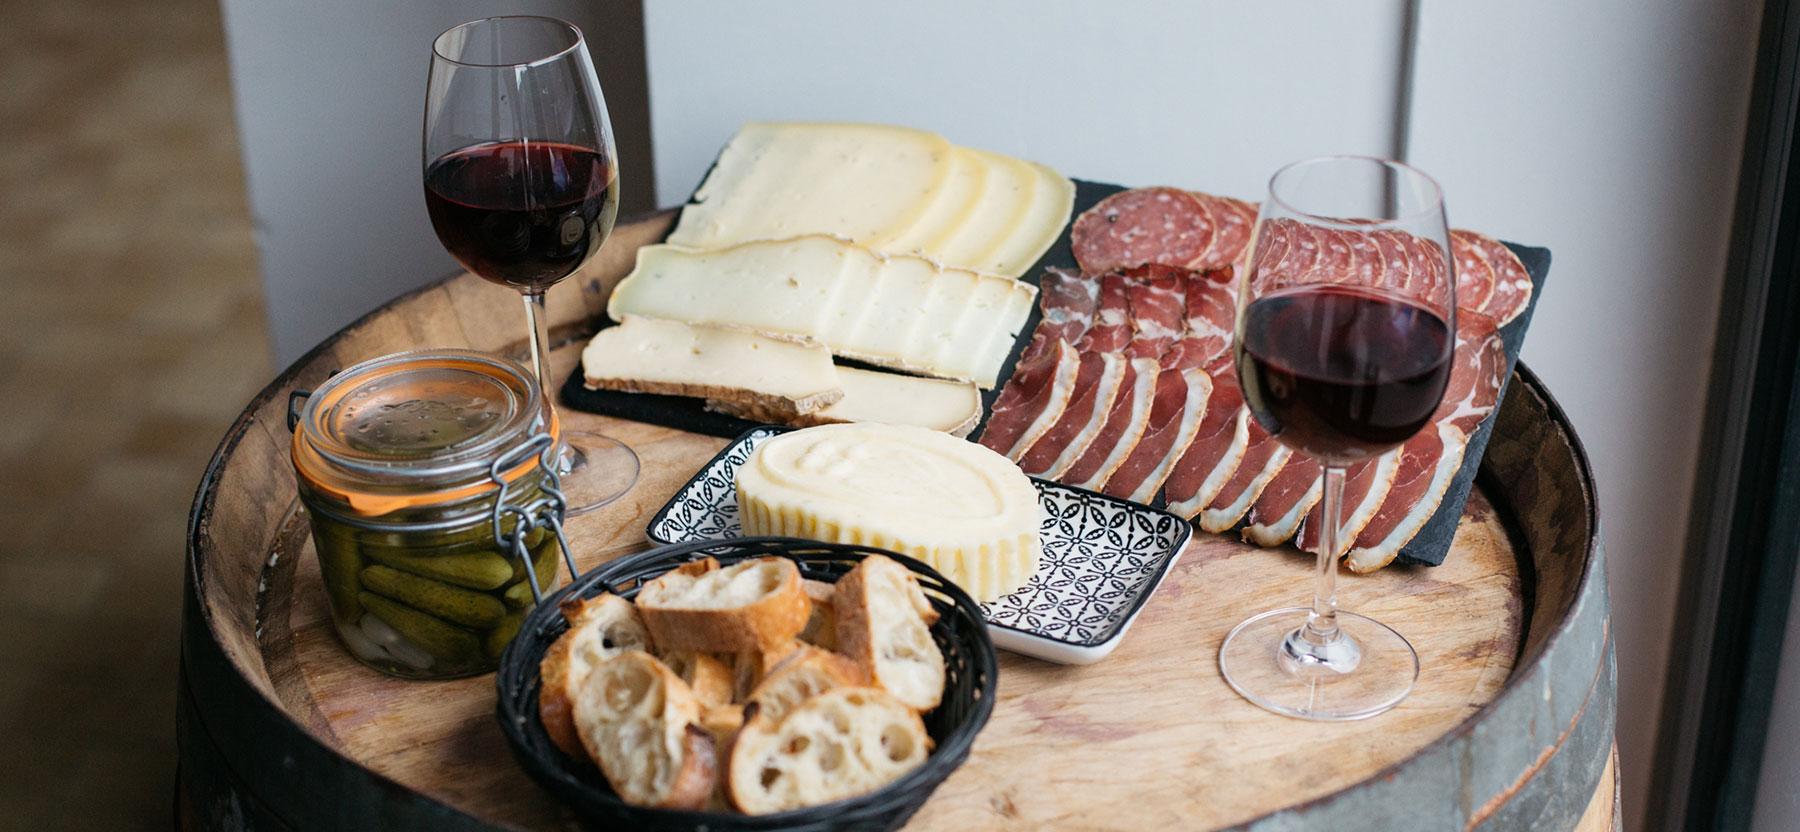 Le_Comptoir_du_Canal_2018_Wine_Cheese_Meat_Banner_3.jpg